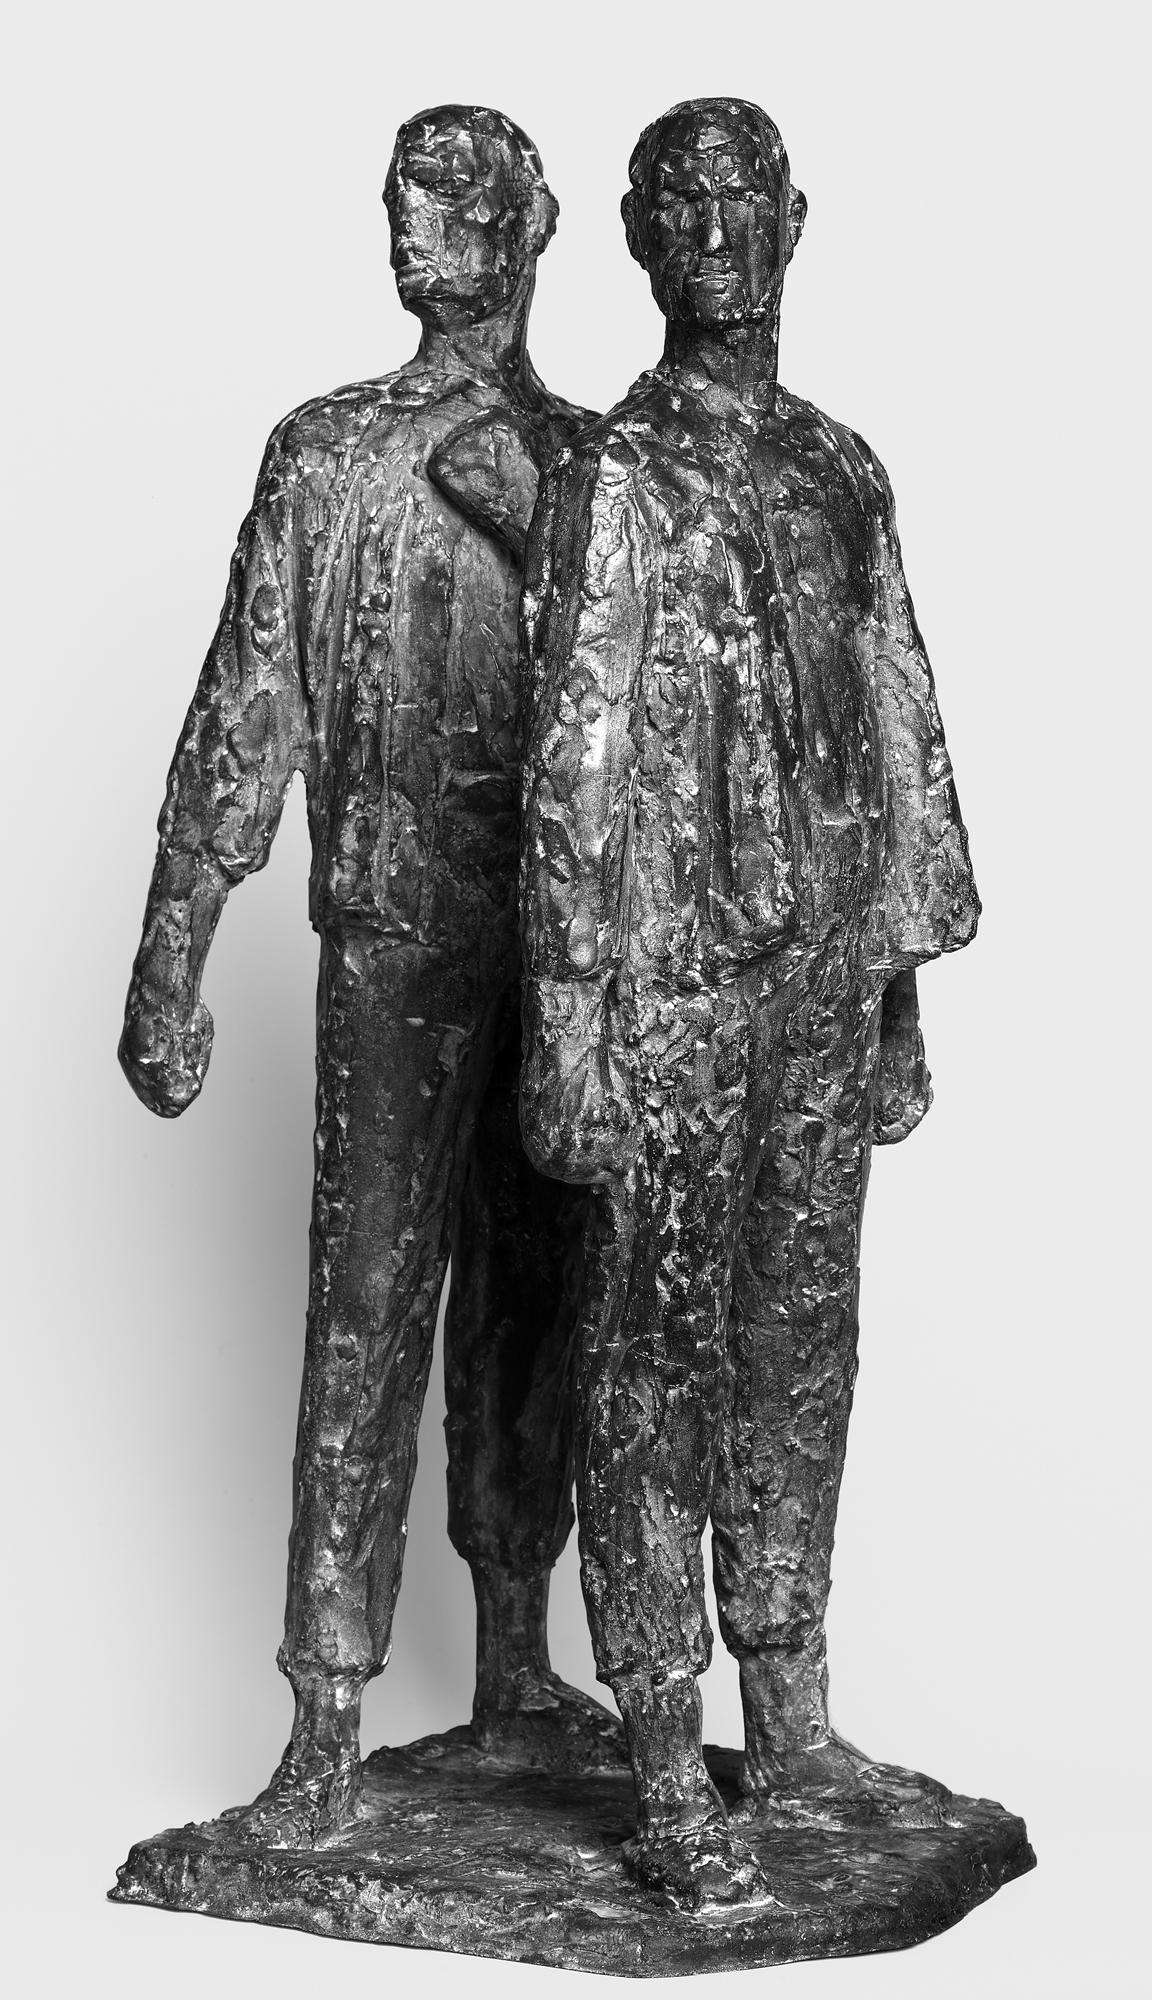 Fritz Cremer Zwei-Figuren-Gruppe III (aus: Erster Entwurf zum Buchenwald Denkmal) 1952 Bronze 56,5 cm hoch Nachlass Fritz Cremer, Berlin © VG Bild-Kunst, Bonn 2018 Foto: Galerie Schwind Leipzig